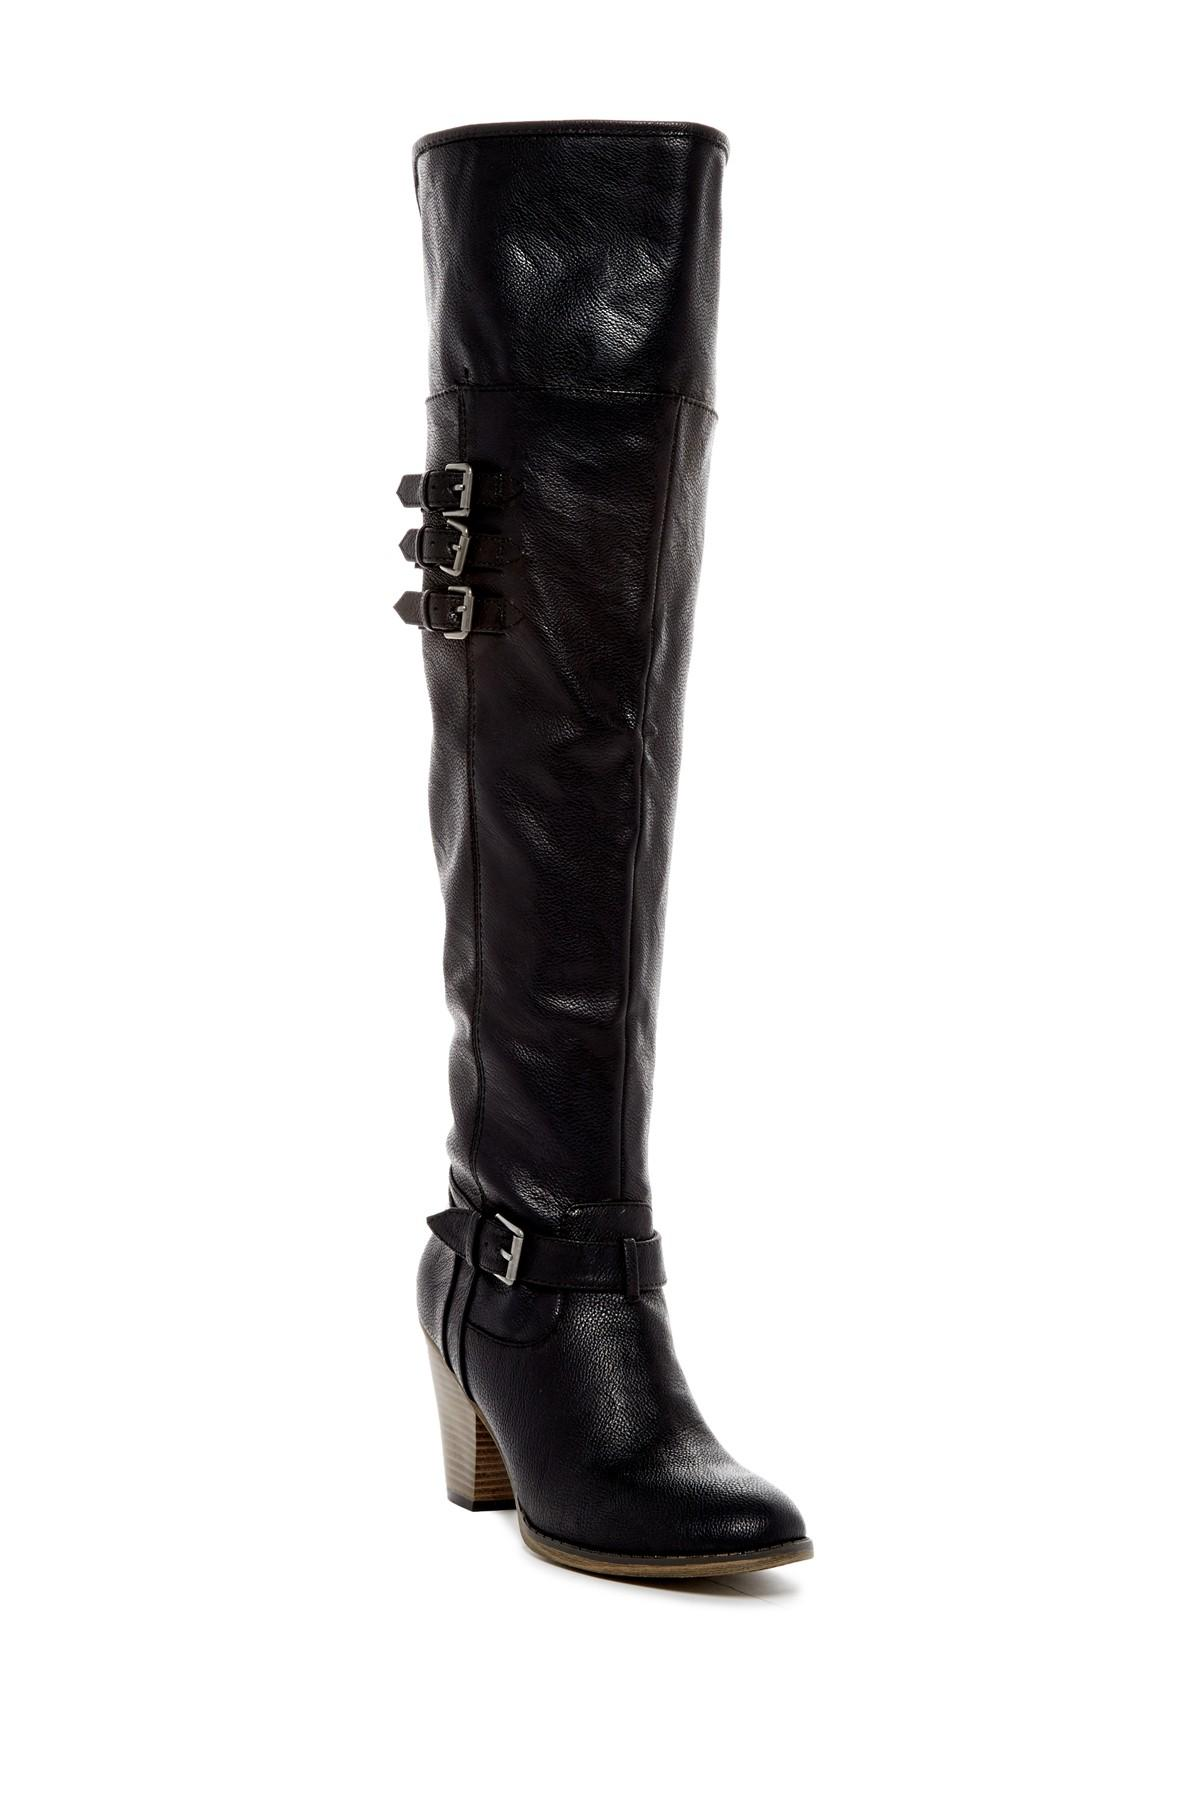 MIB Frauen Farley Pumps rund Leder Fashion Stiefel Schwarz Groesse 6 US /37 EU